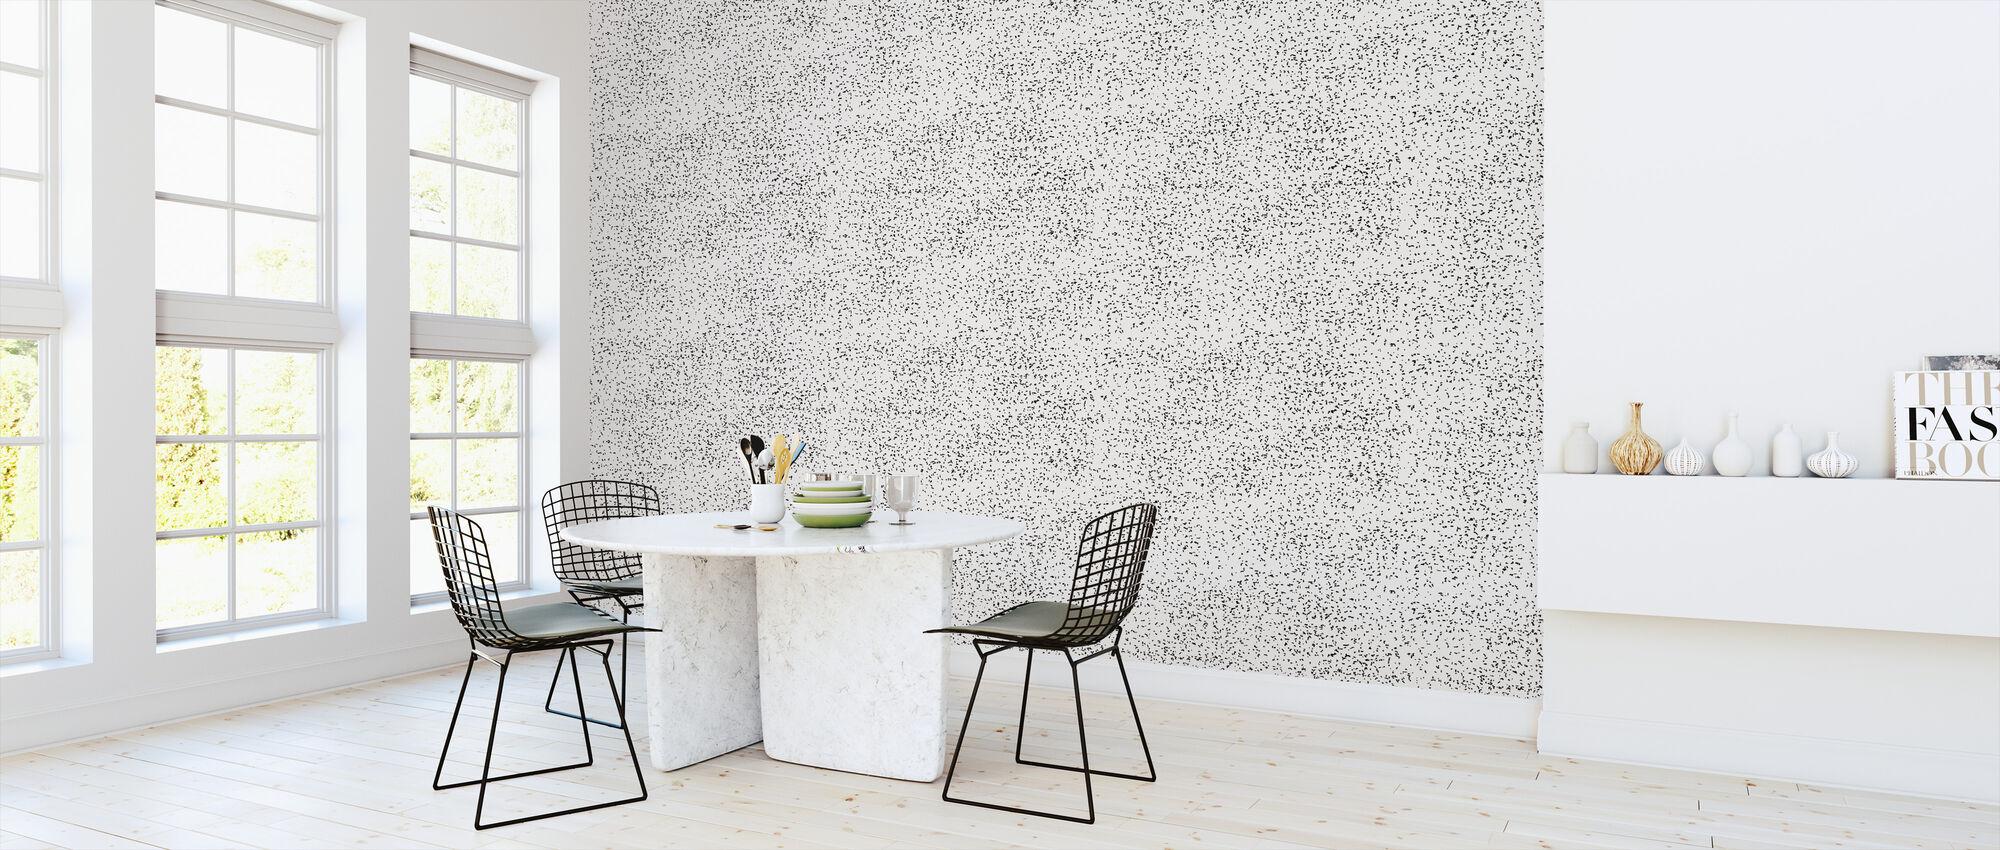 Speckle Black - Wallpaper - Kitchen